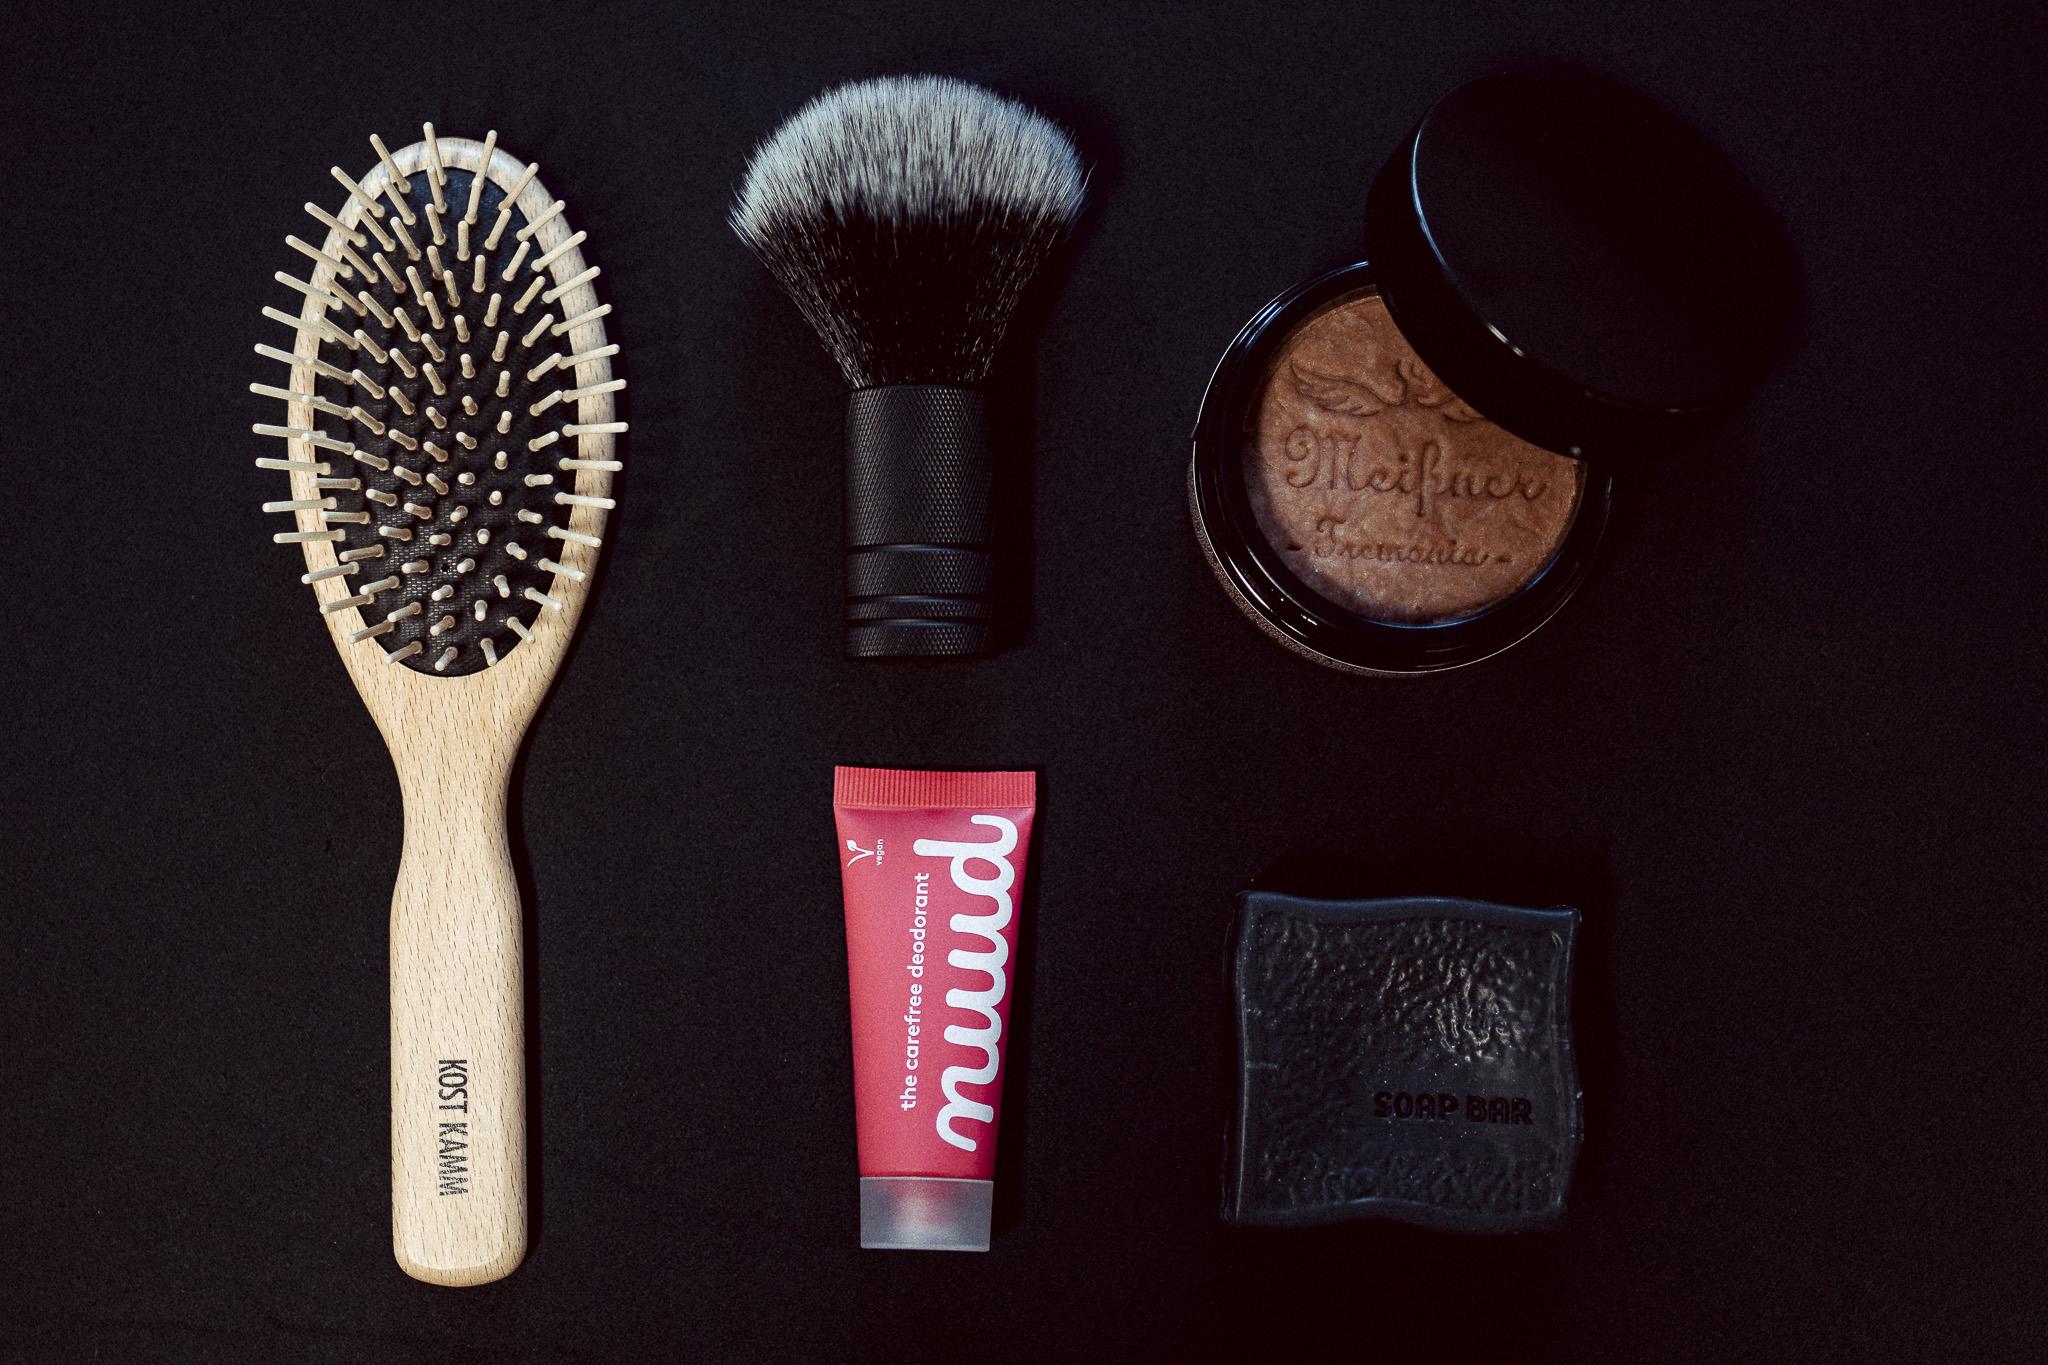 blackbeards stellt vor: Innovationen in der Bartpflege, Rasur und Körperpflege